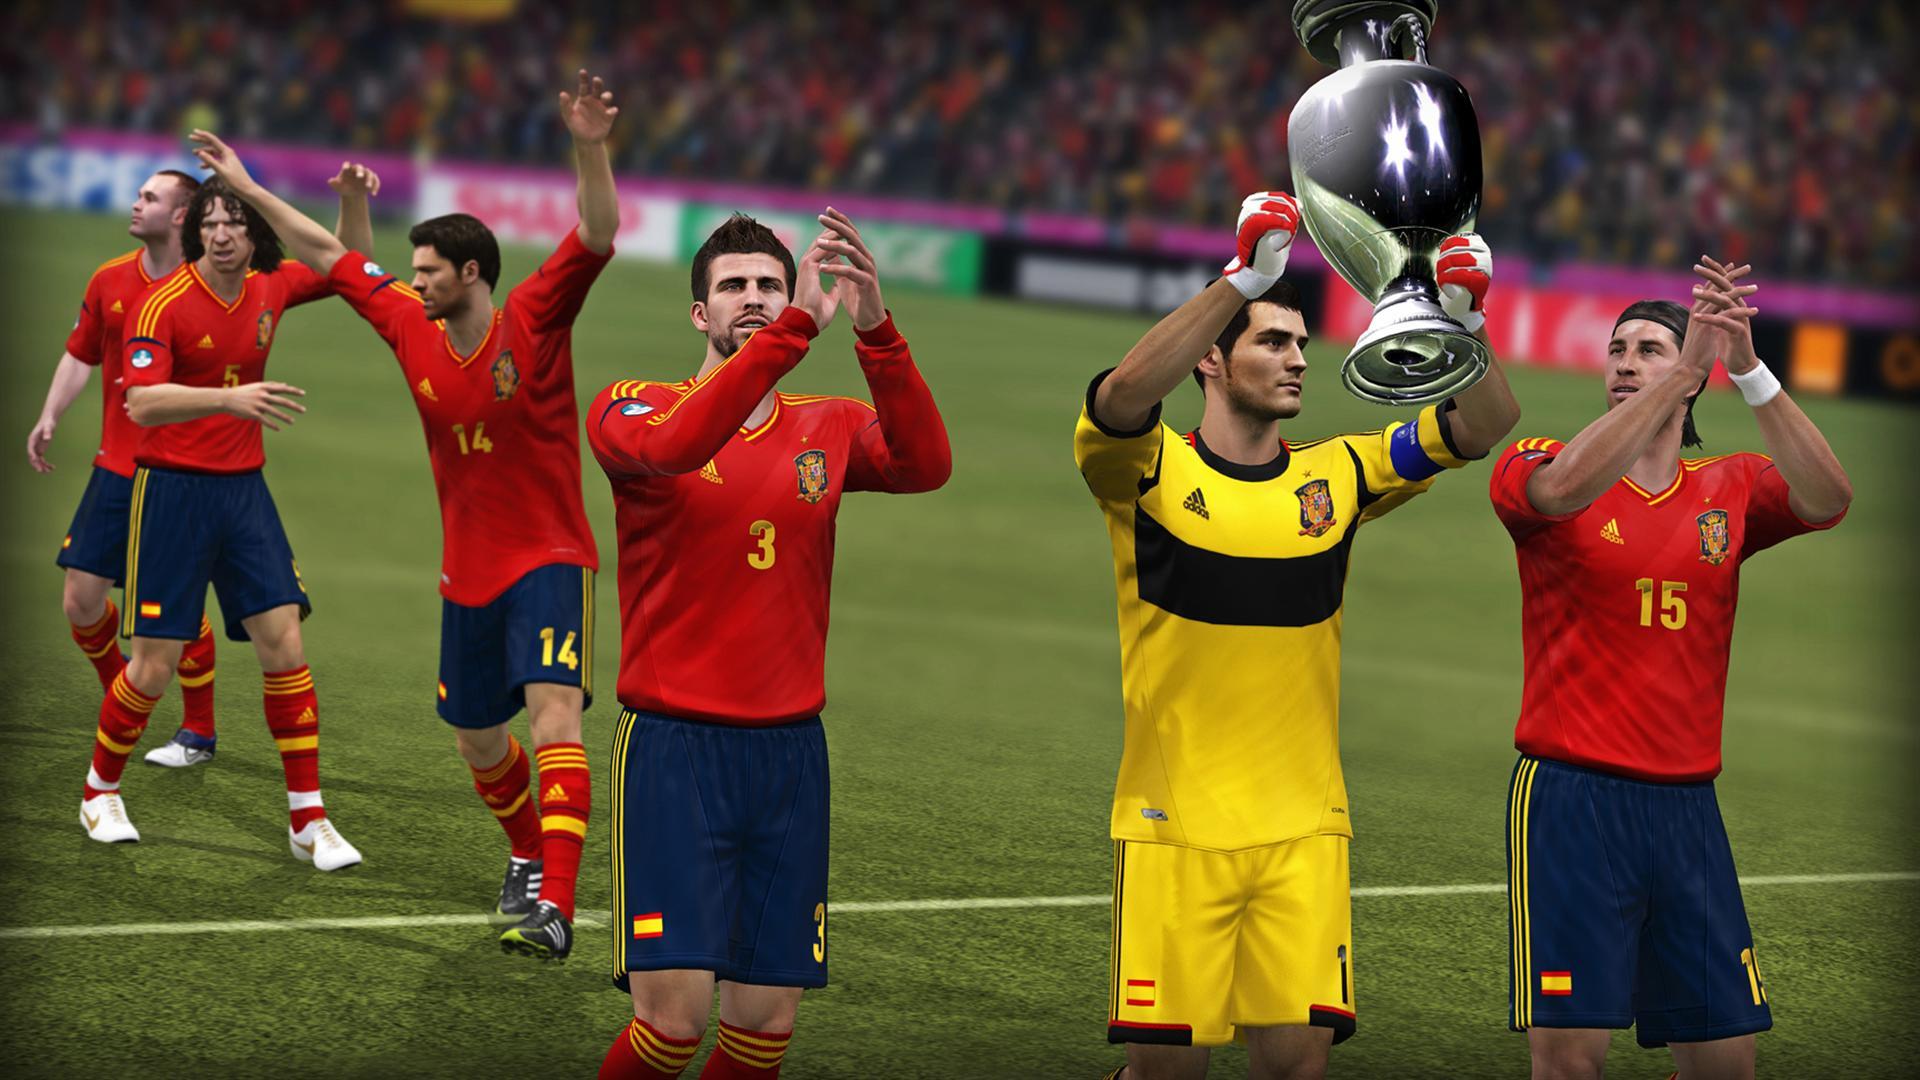 FIFA 2014 World Cup llegará a PS4 y Xbox One en 2014: confirmado